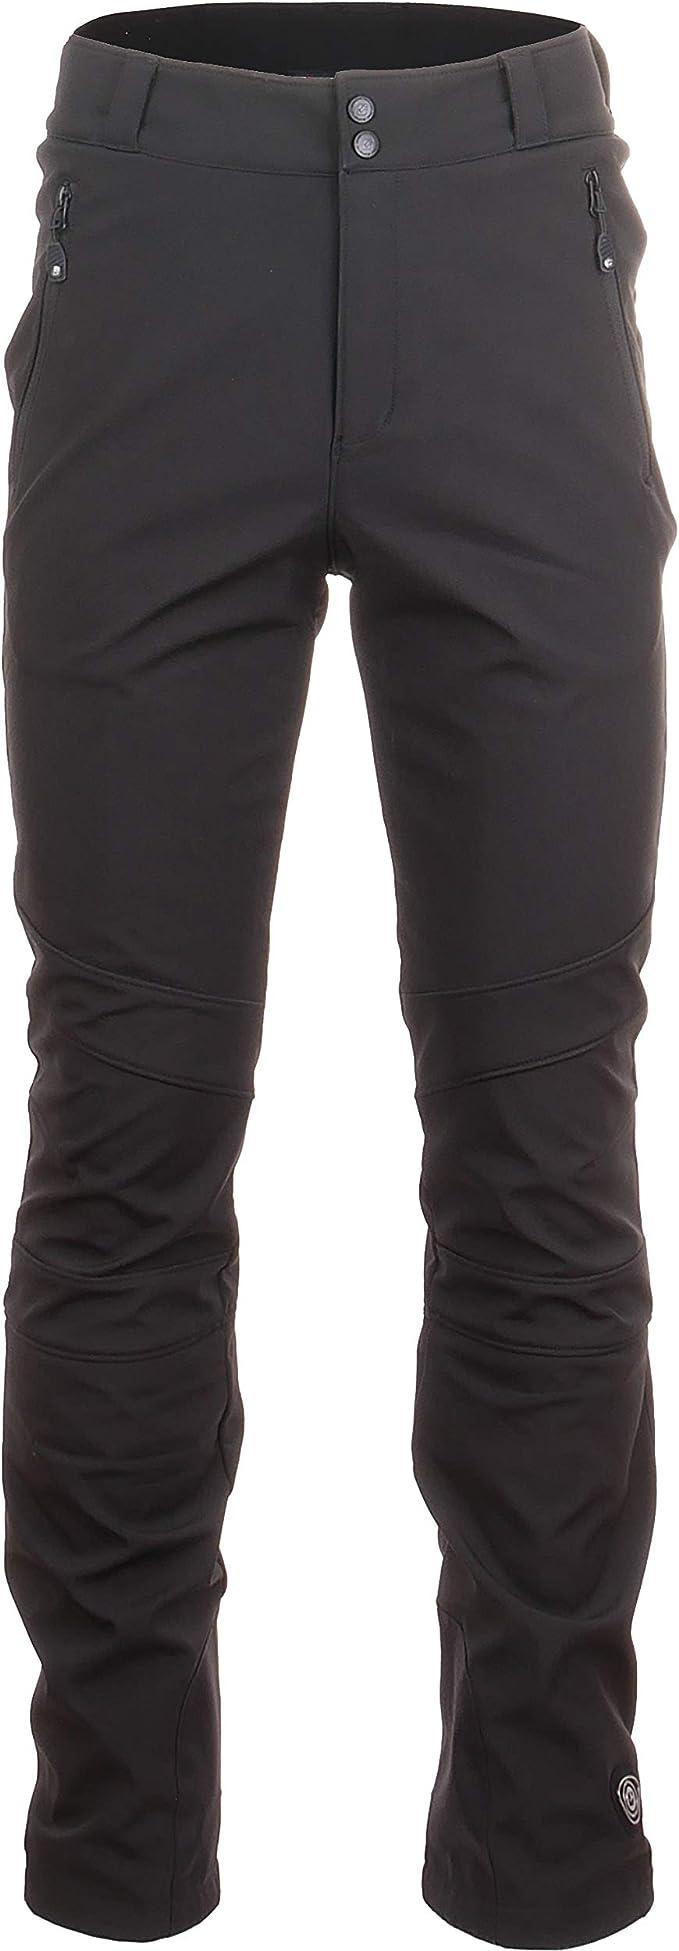 killtec, Softshellhosen Nilam Softshell Hose mit abnehmbaren Trägern, Kantenschutz und Schneefang, schwarz